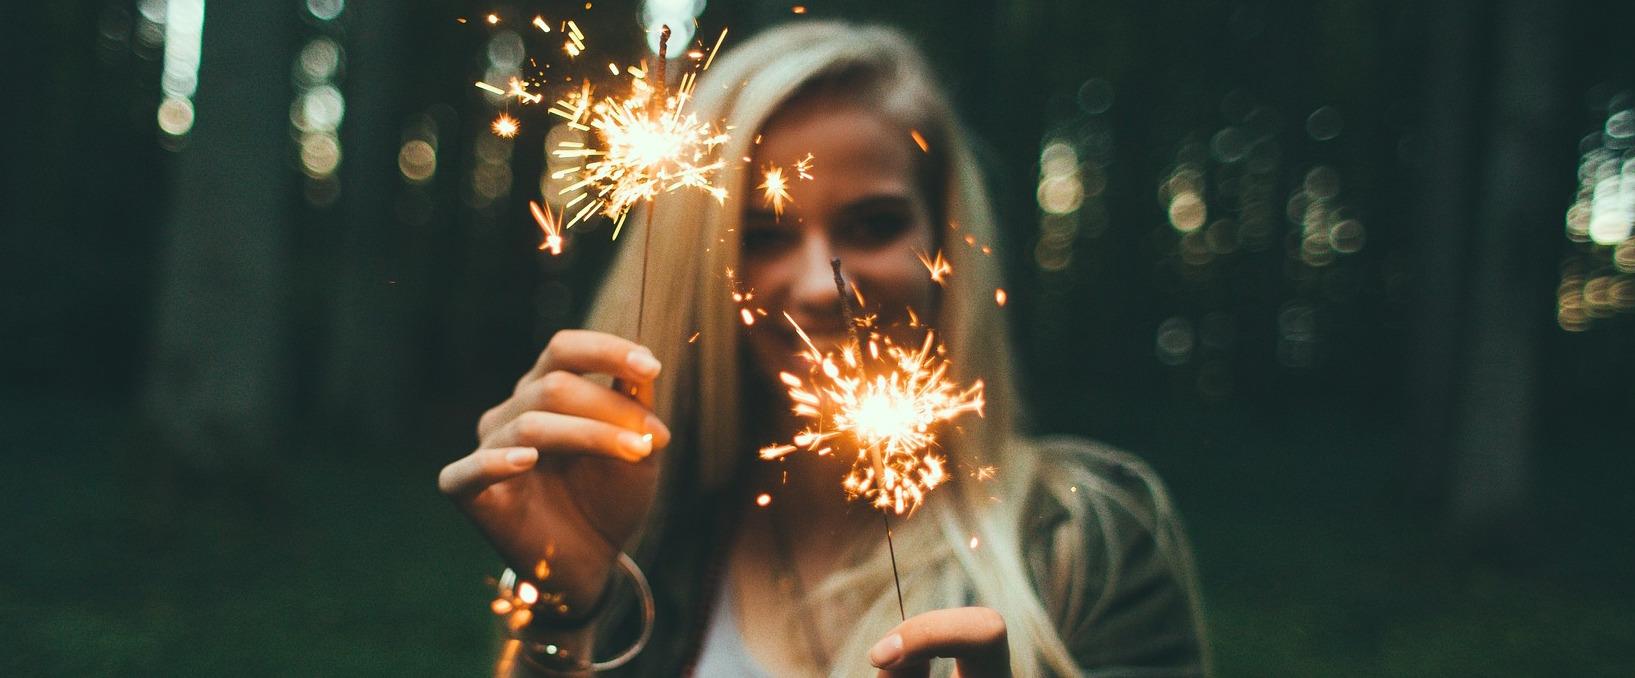 stjernekastere nytårskrudt